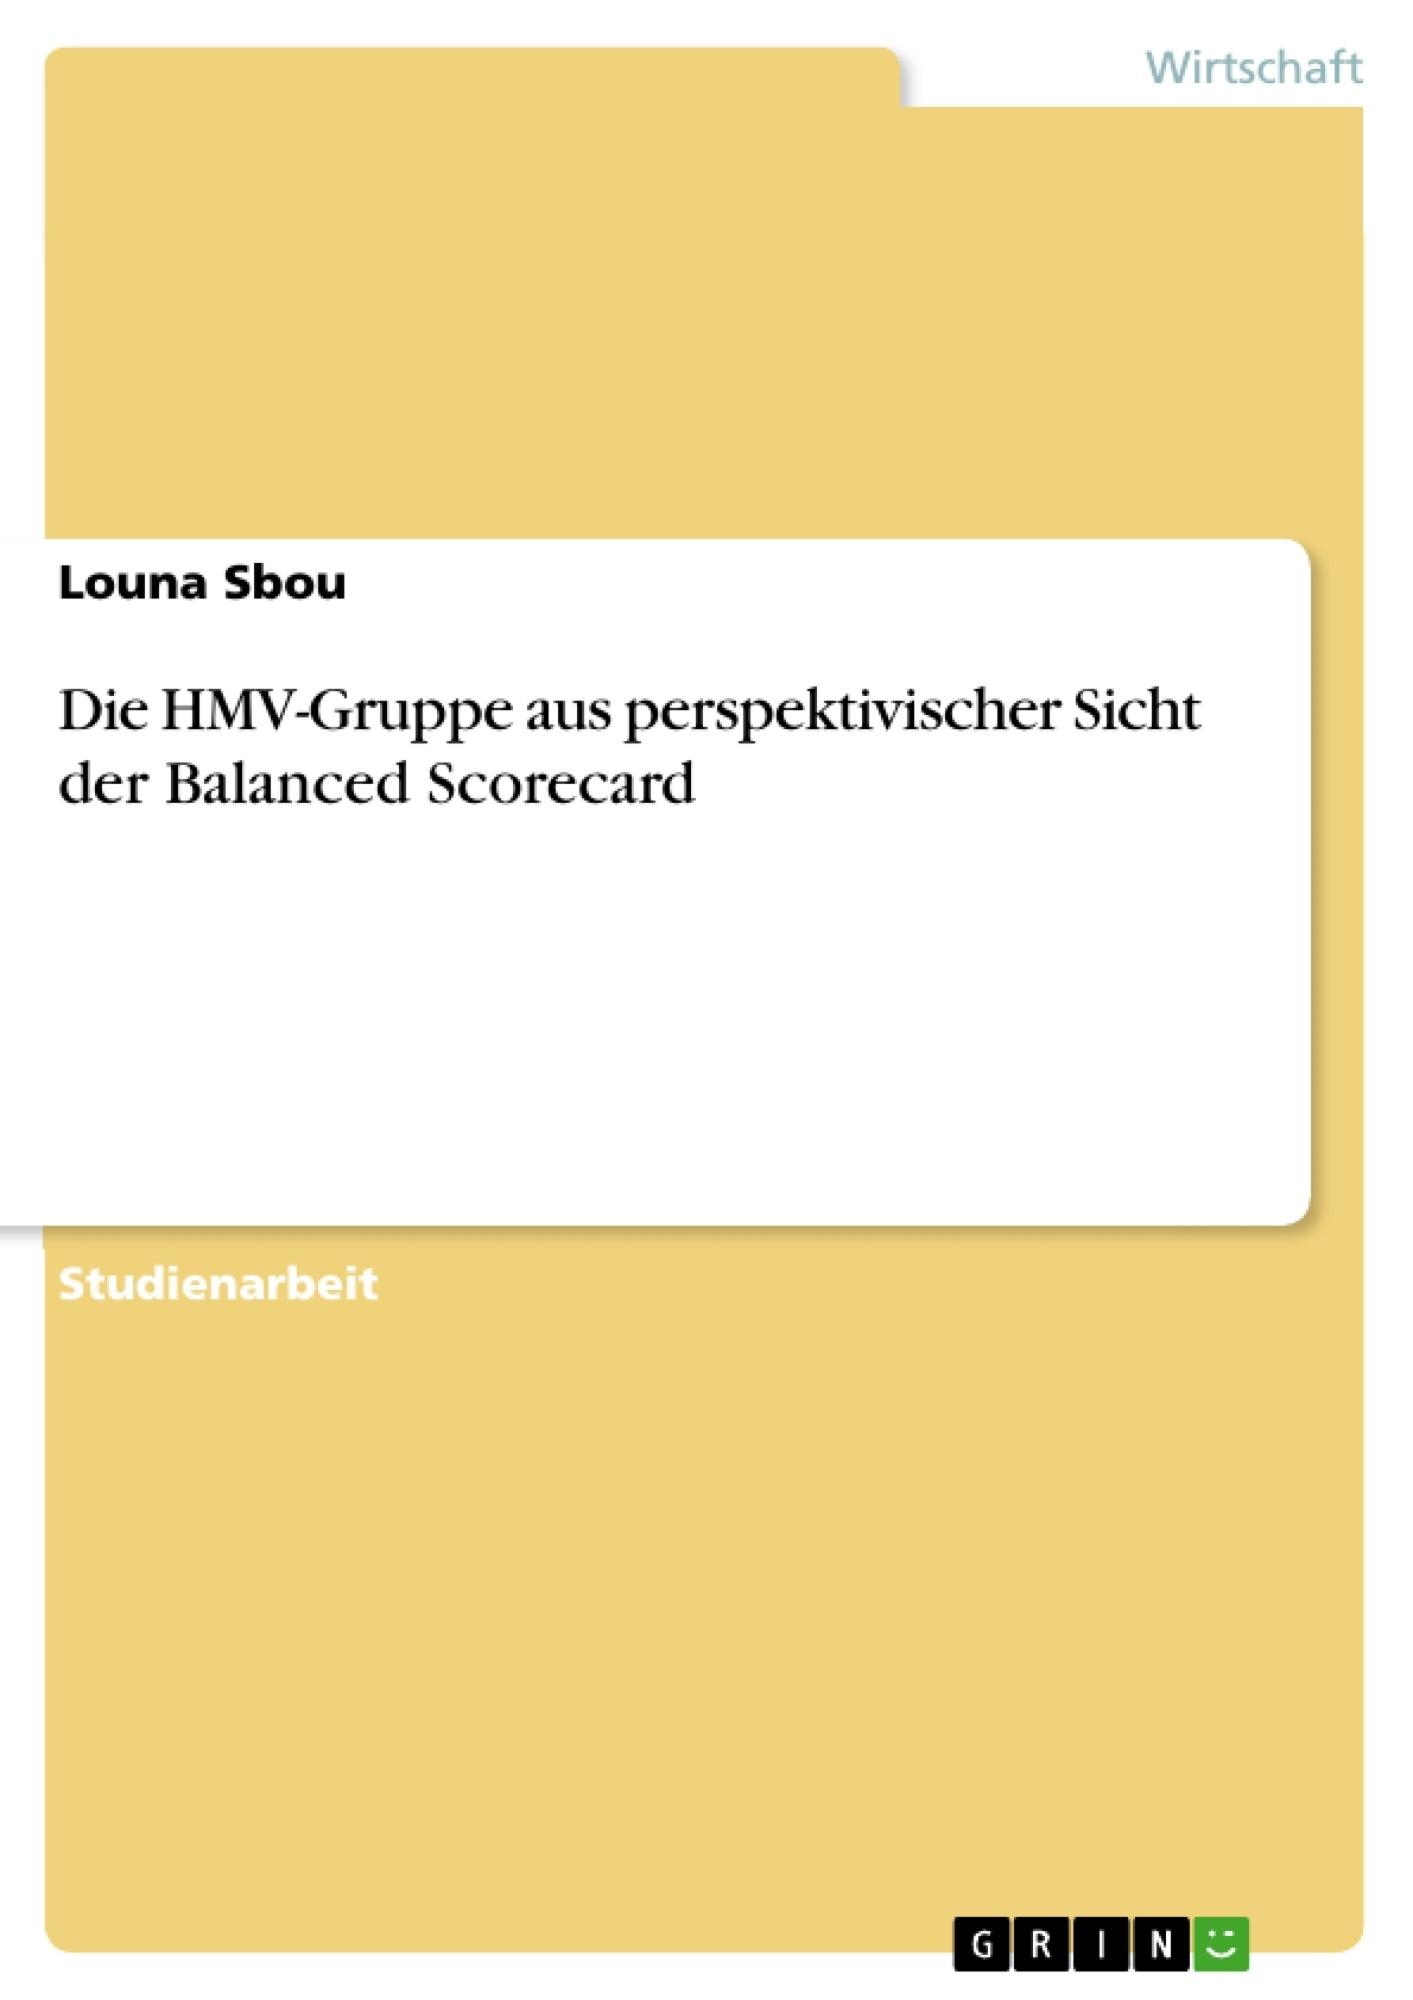 Titel: Die HMV-Gruppe aus perspektivischer Sicht der Balanced Scorecard